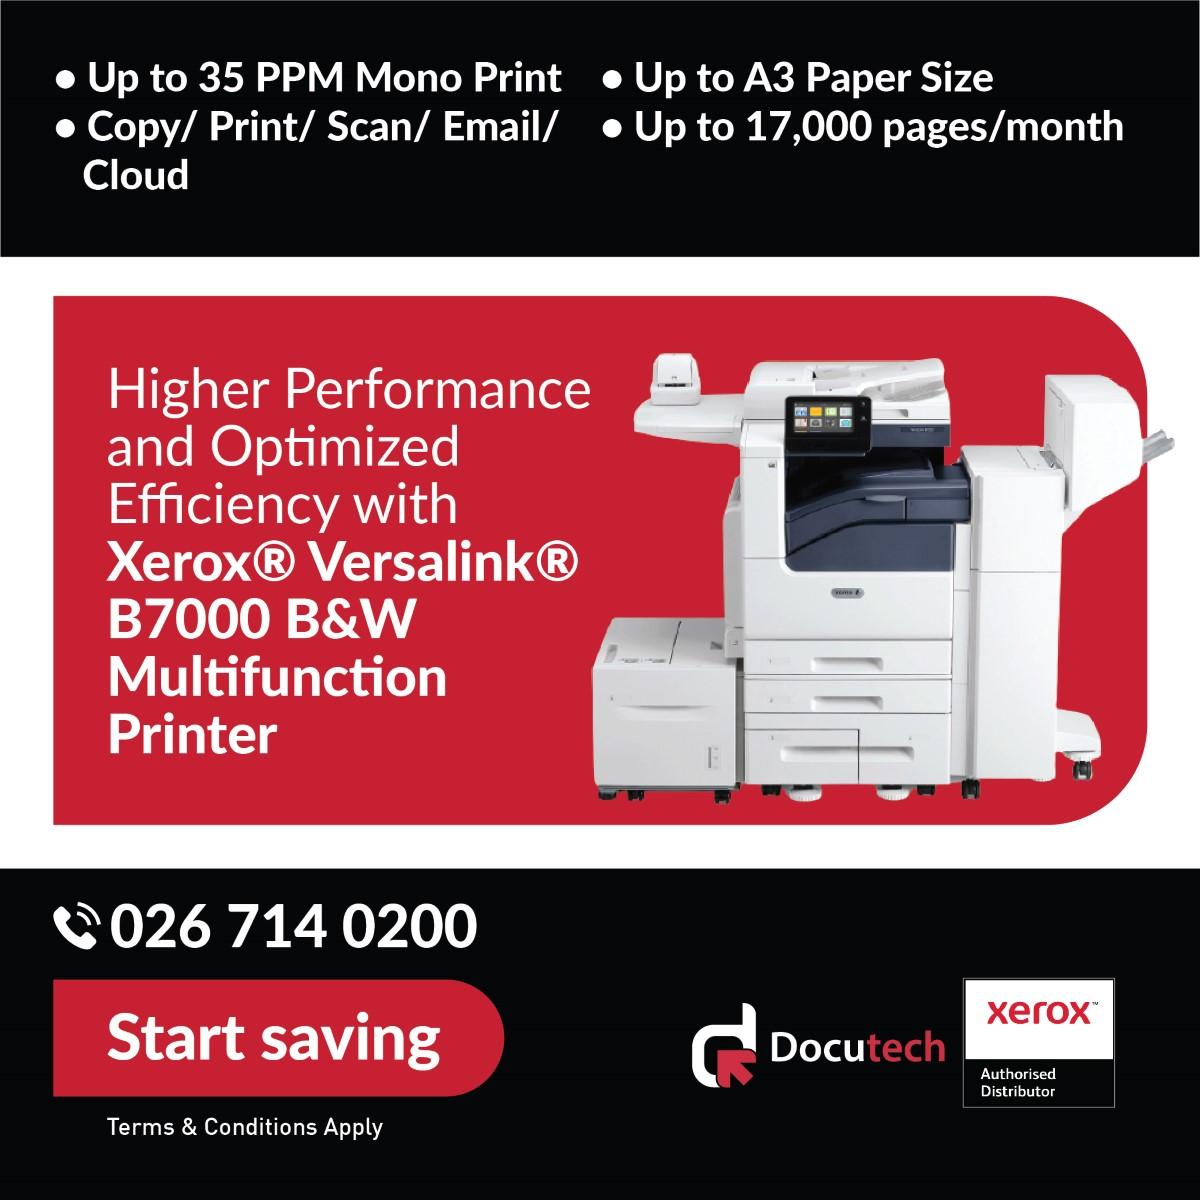 Xerox April 2021 Promo-06